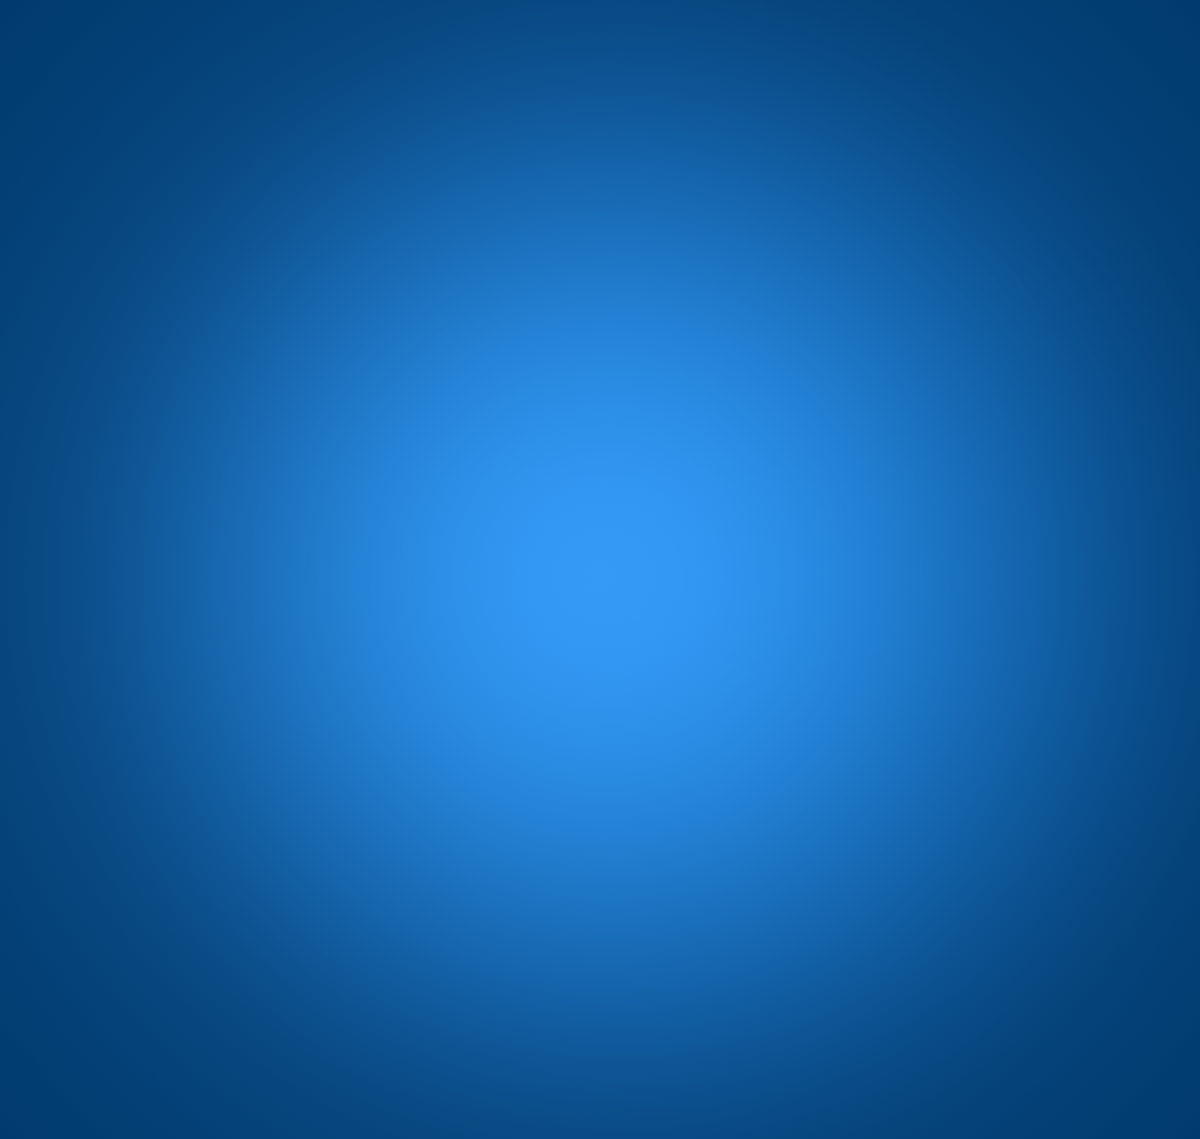 plain-blue